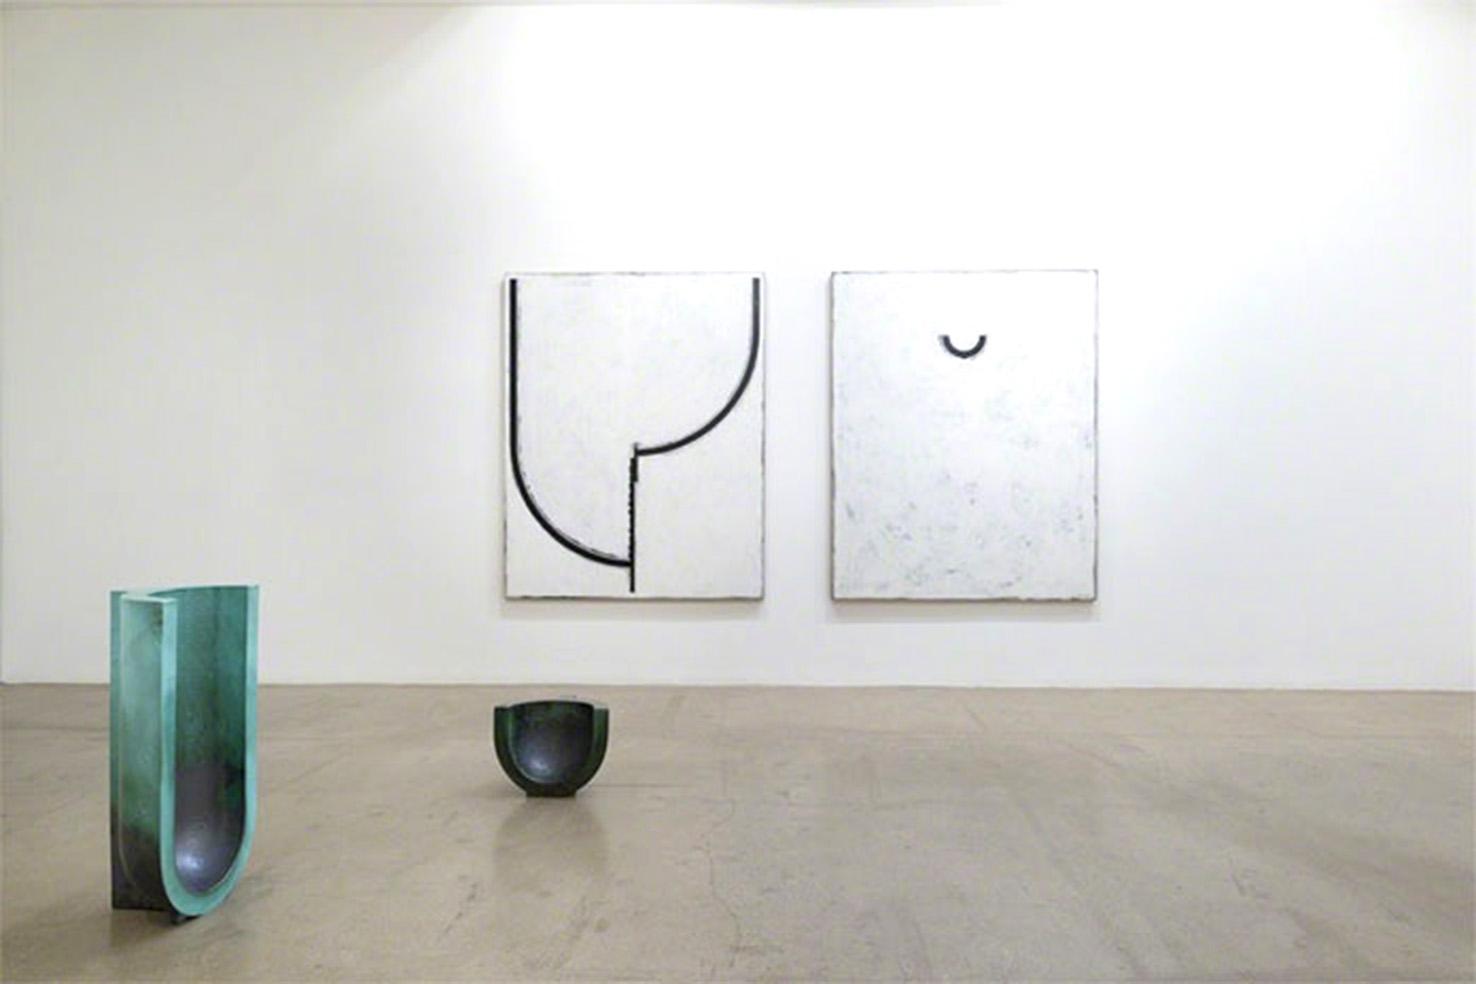 Veduta dell'esposizione personale di Davide Balliano presso la Luce Gallery di Torino, foto © aut./D.Balliano/LuceGallery